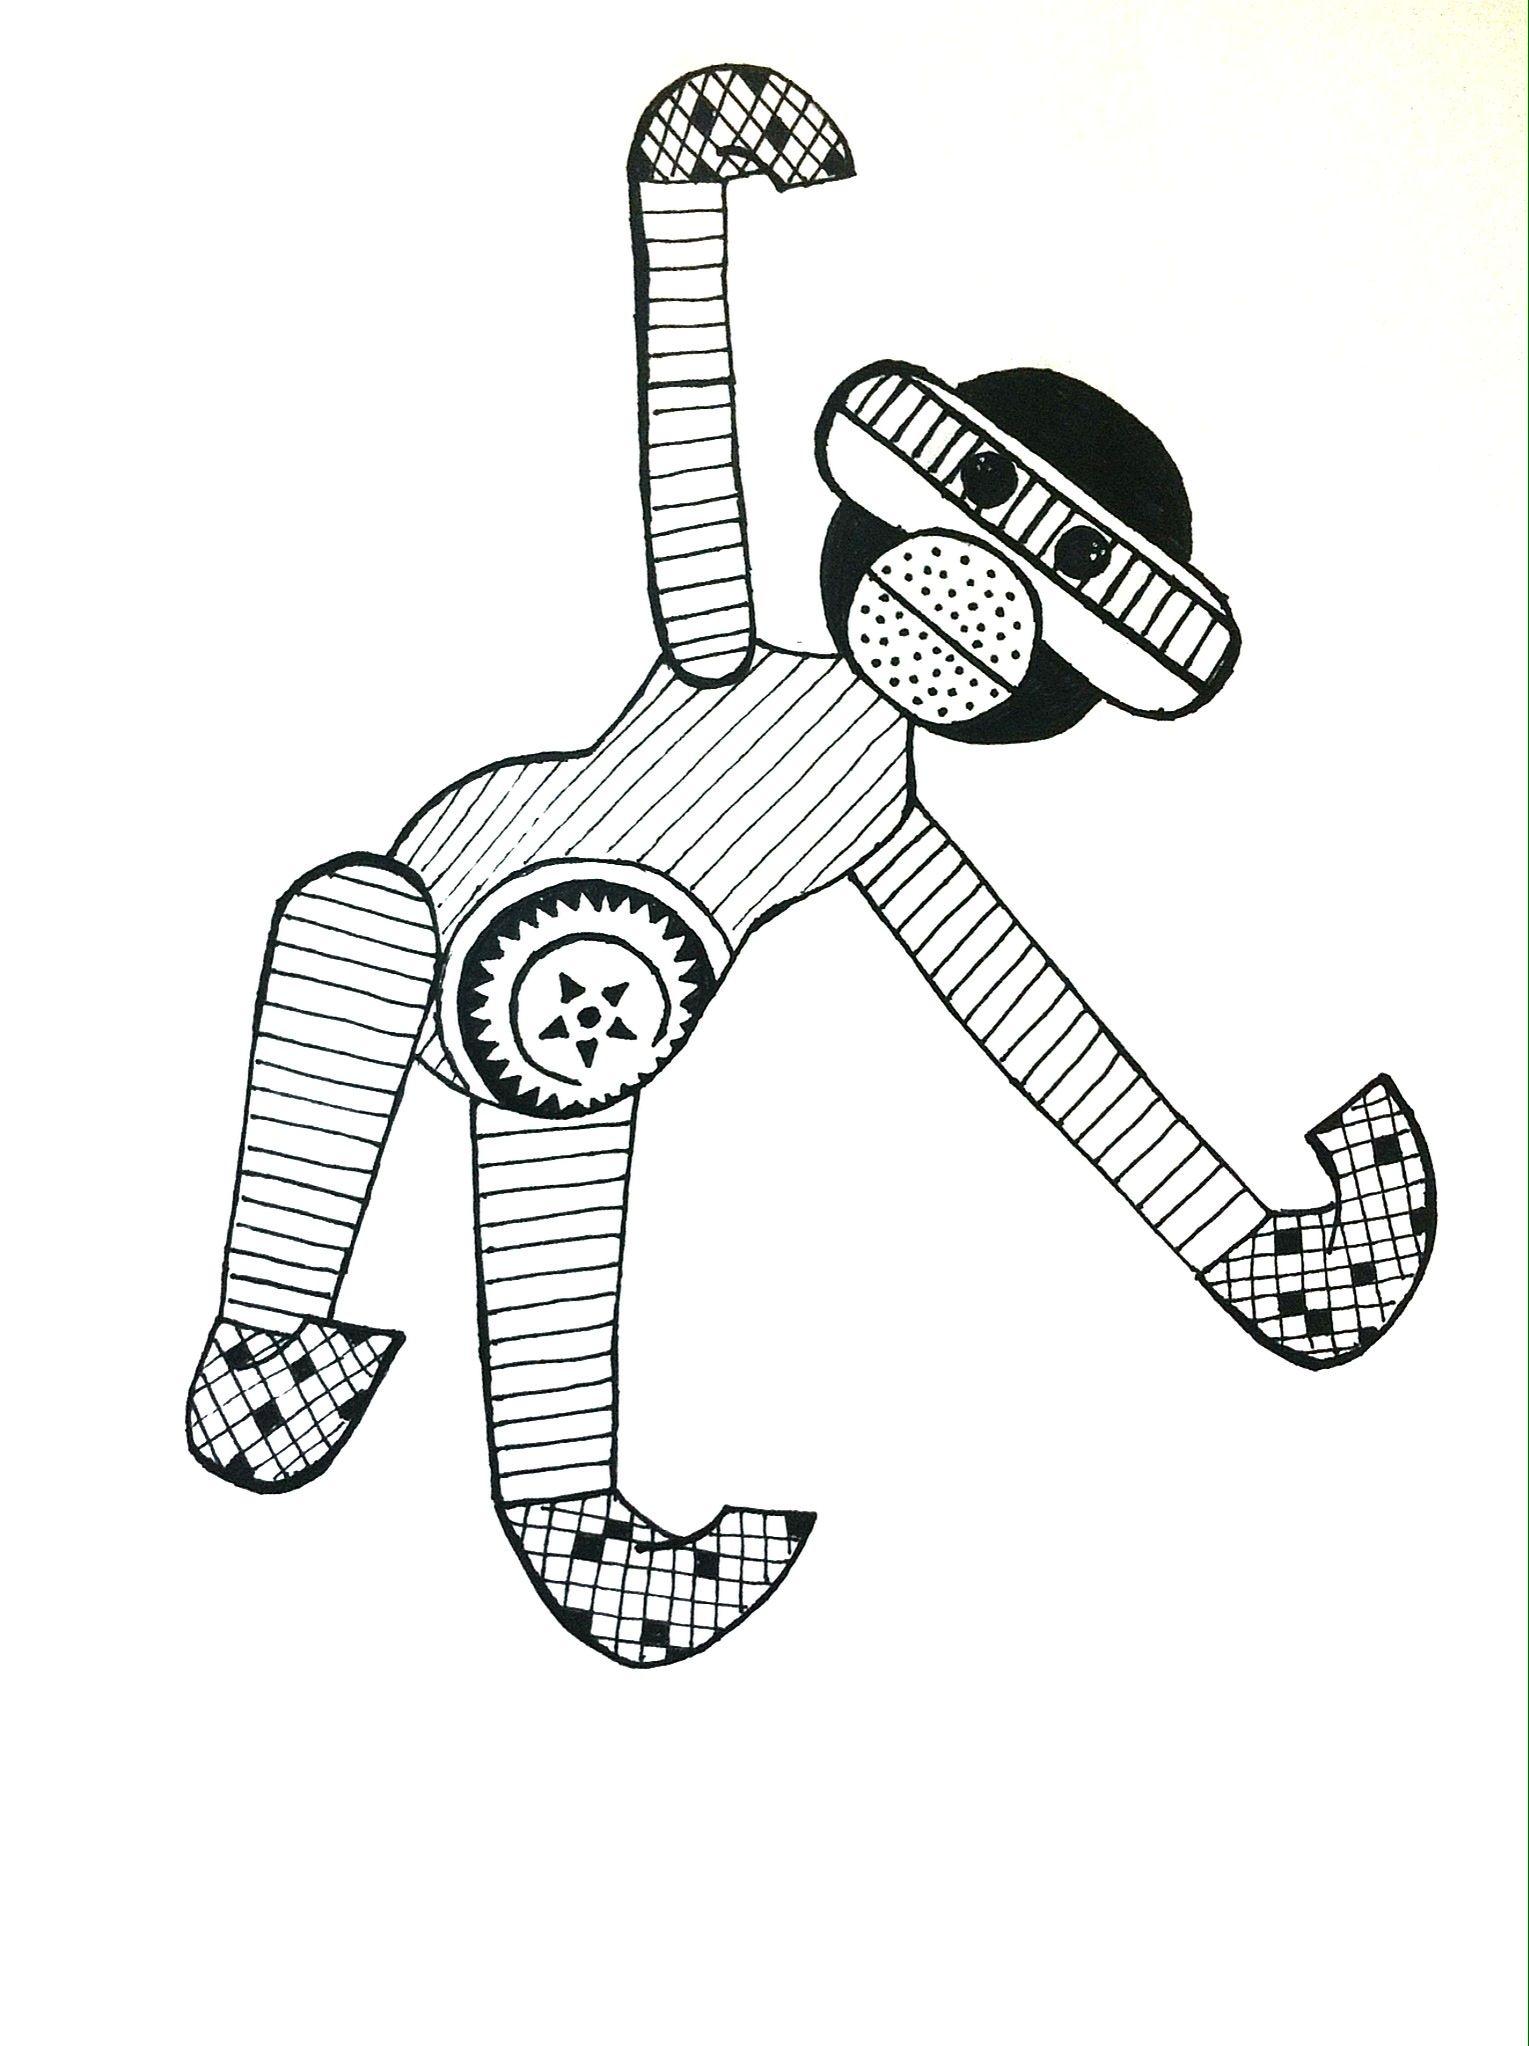 Monkey Inspired By Kaj Bojesen